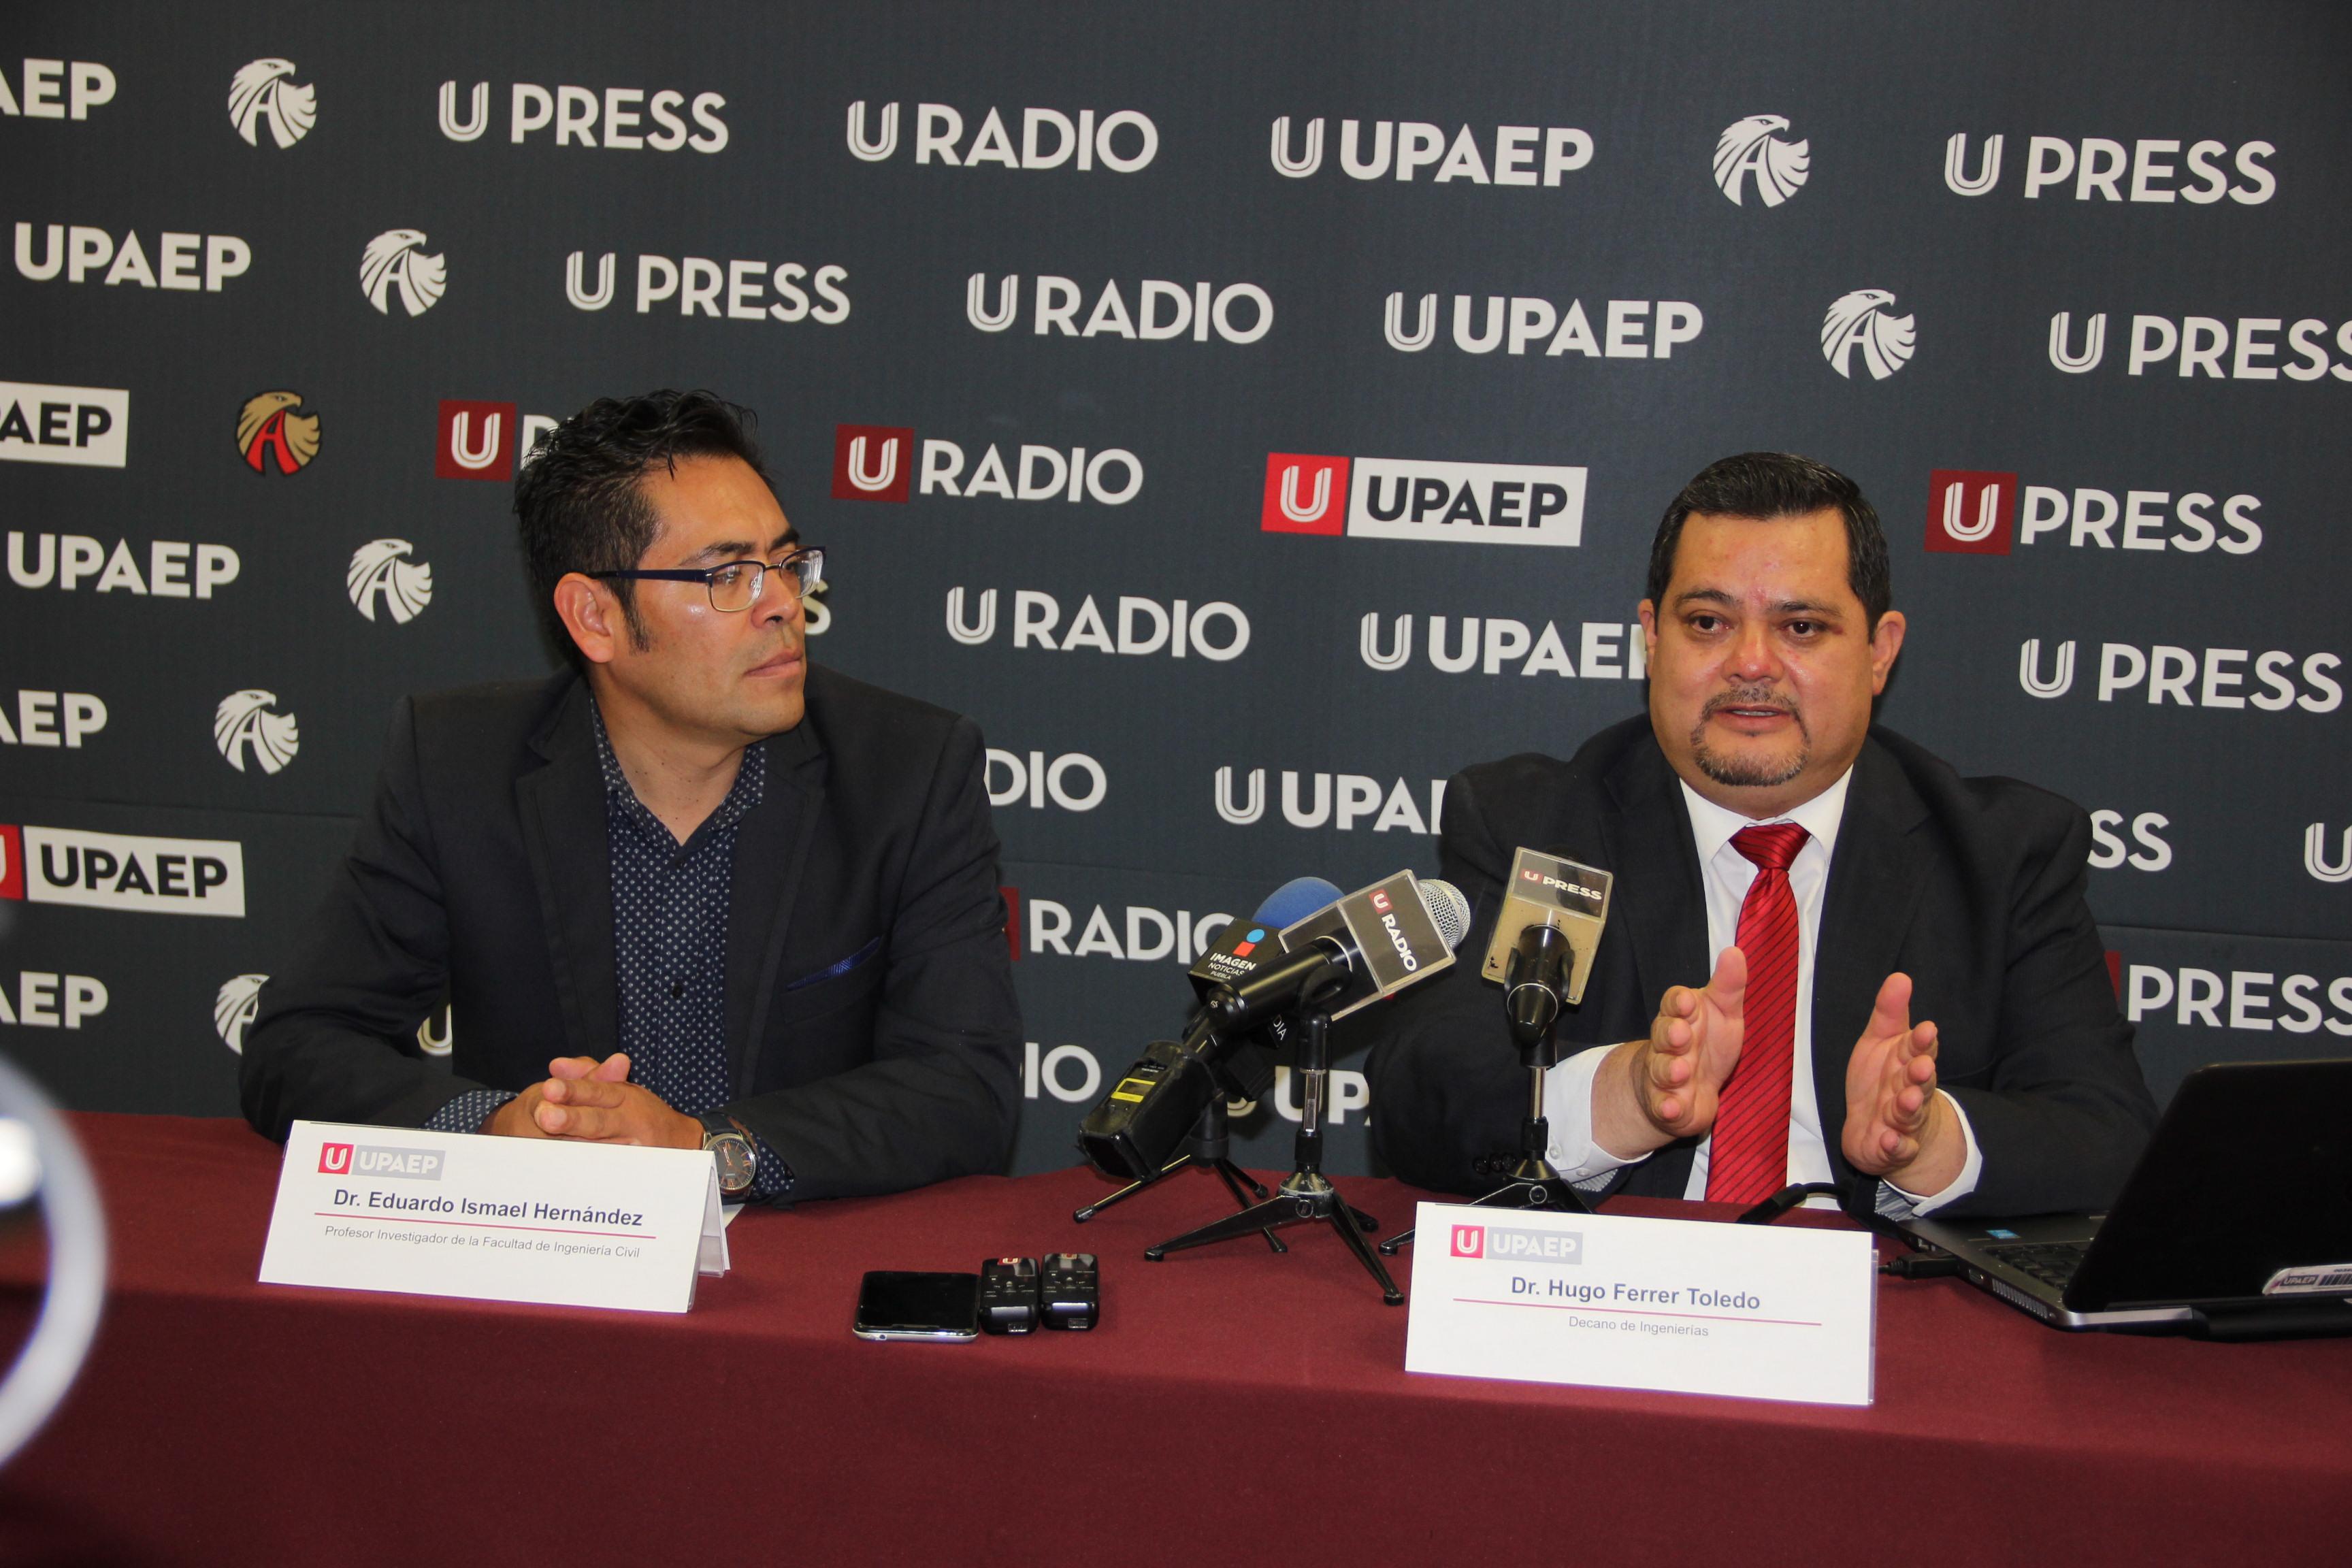 Alerta sísmica no basta, hogares y oficinas necesitan protocolos: UPAEP